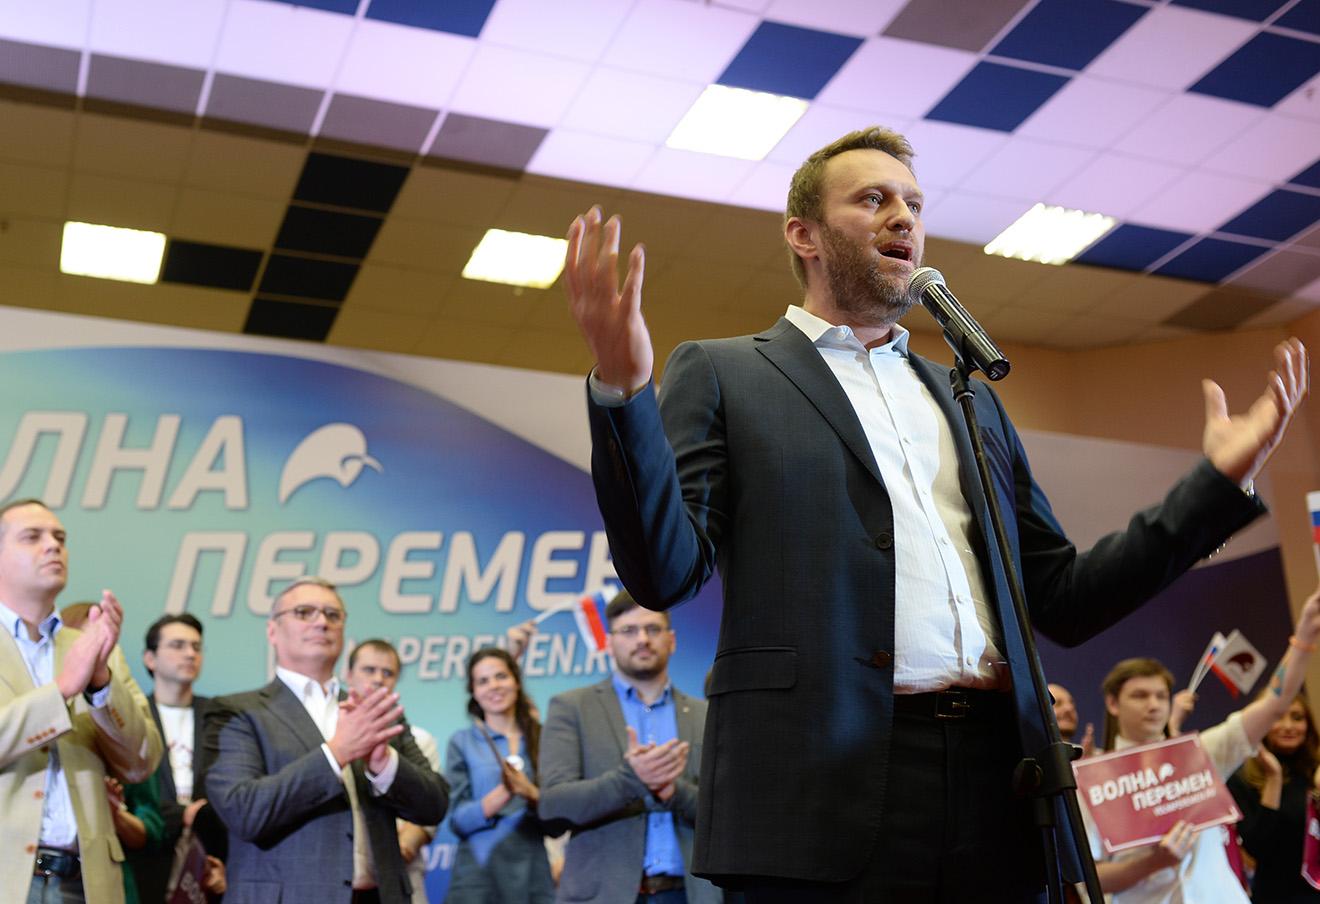 Алексей Навальный (на первом плане), председатель партии «Демократический выбор» Владимир Милов и председатель партии РПР-Парнас Михаил Касьянов (слева направо на втором плане) на форуме «Демократической коалиции».